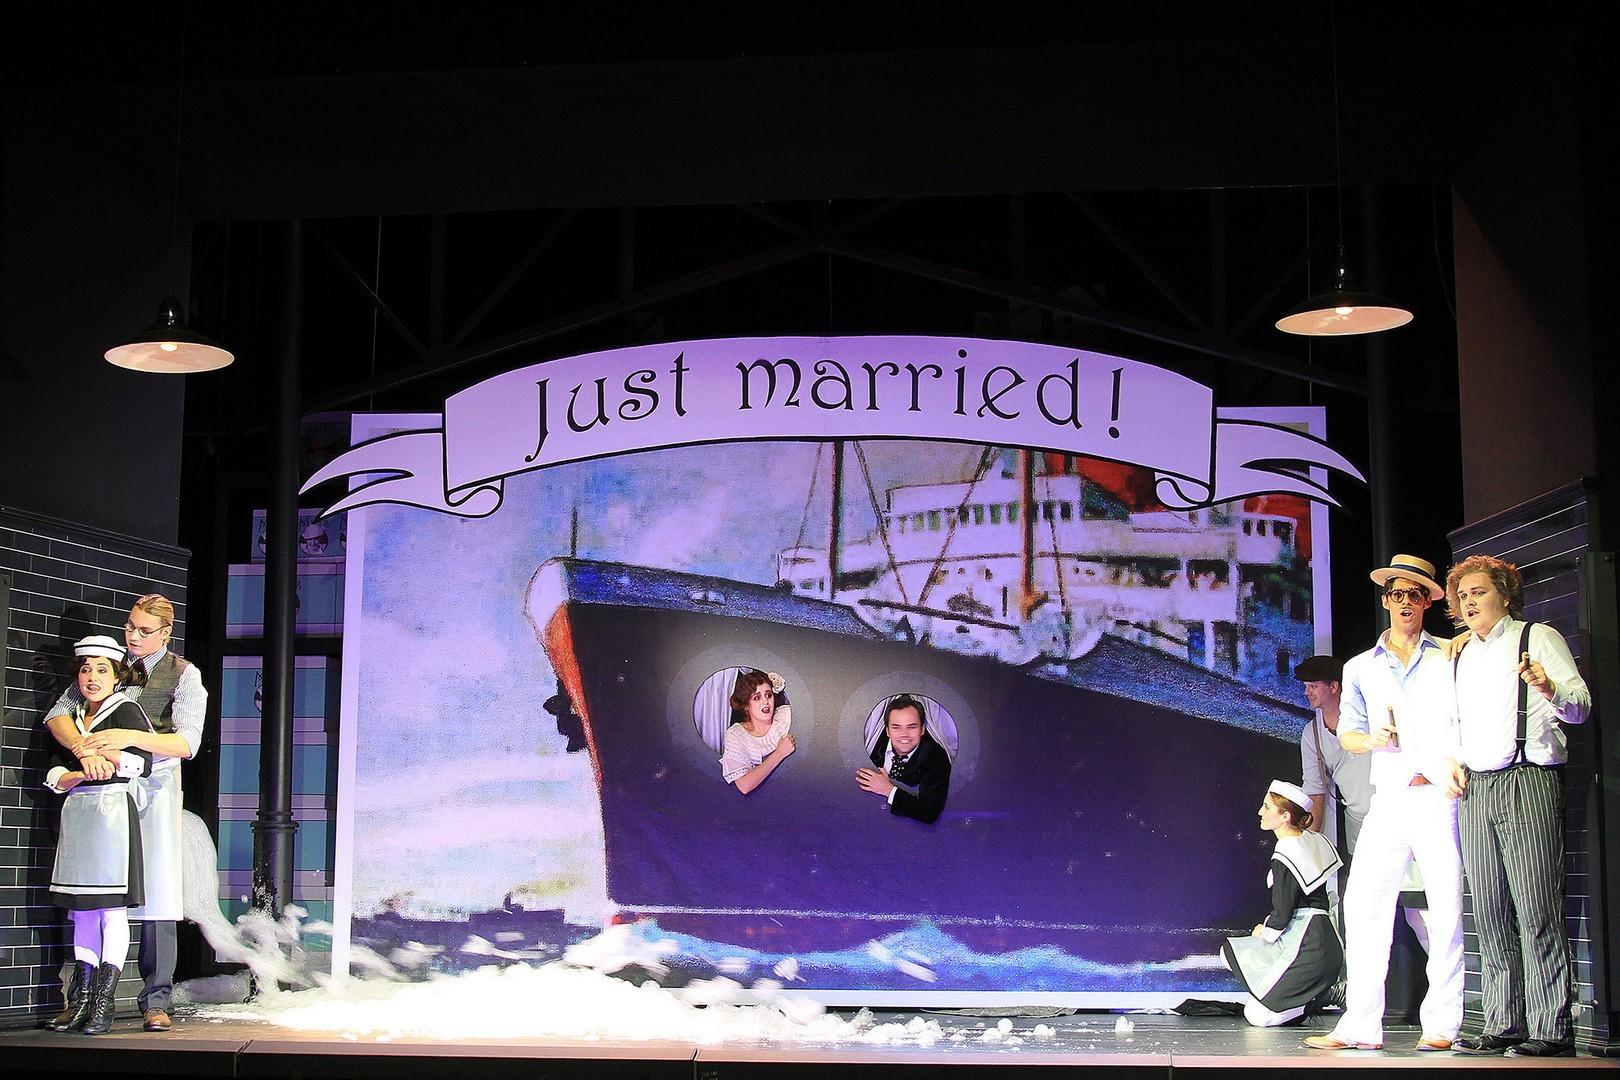 Cambiale-di-matrimonio-Opera-directed-by-Jacopo-Spirei-15